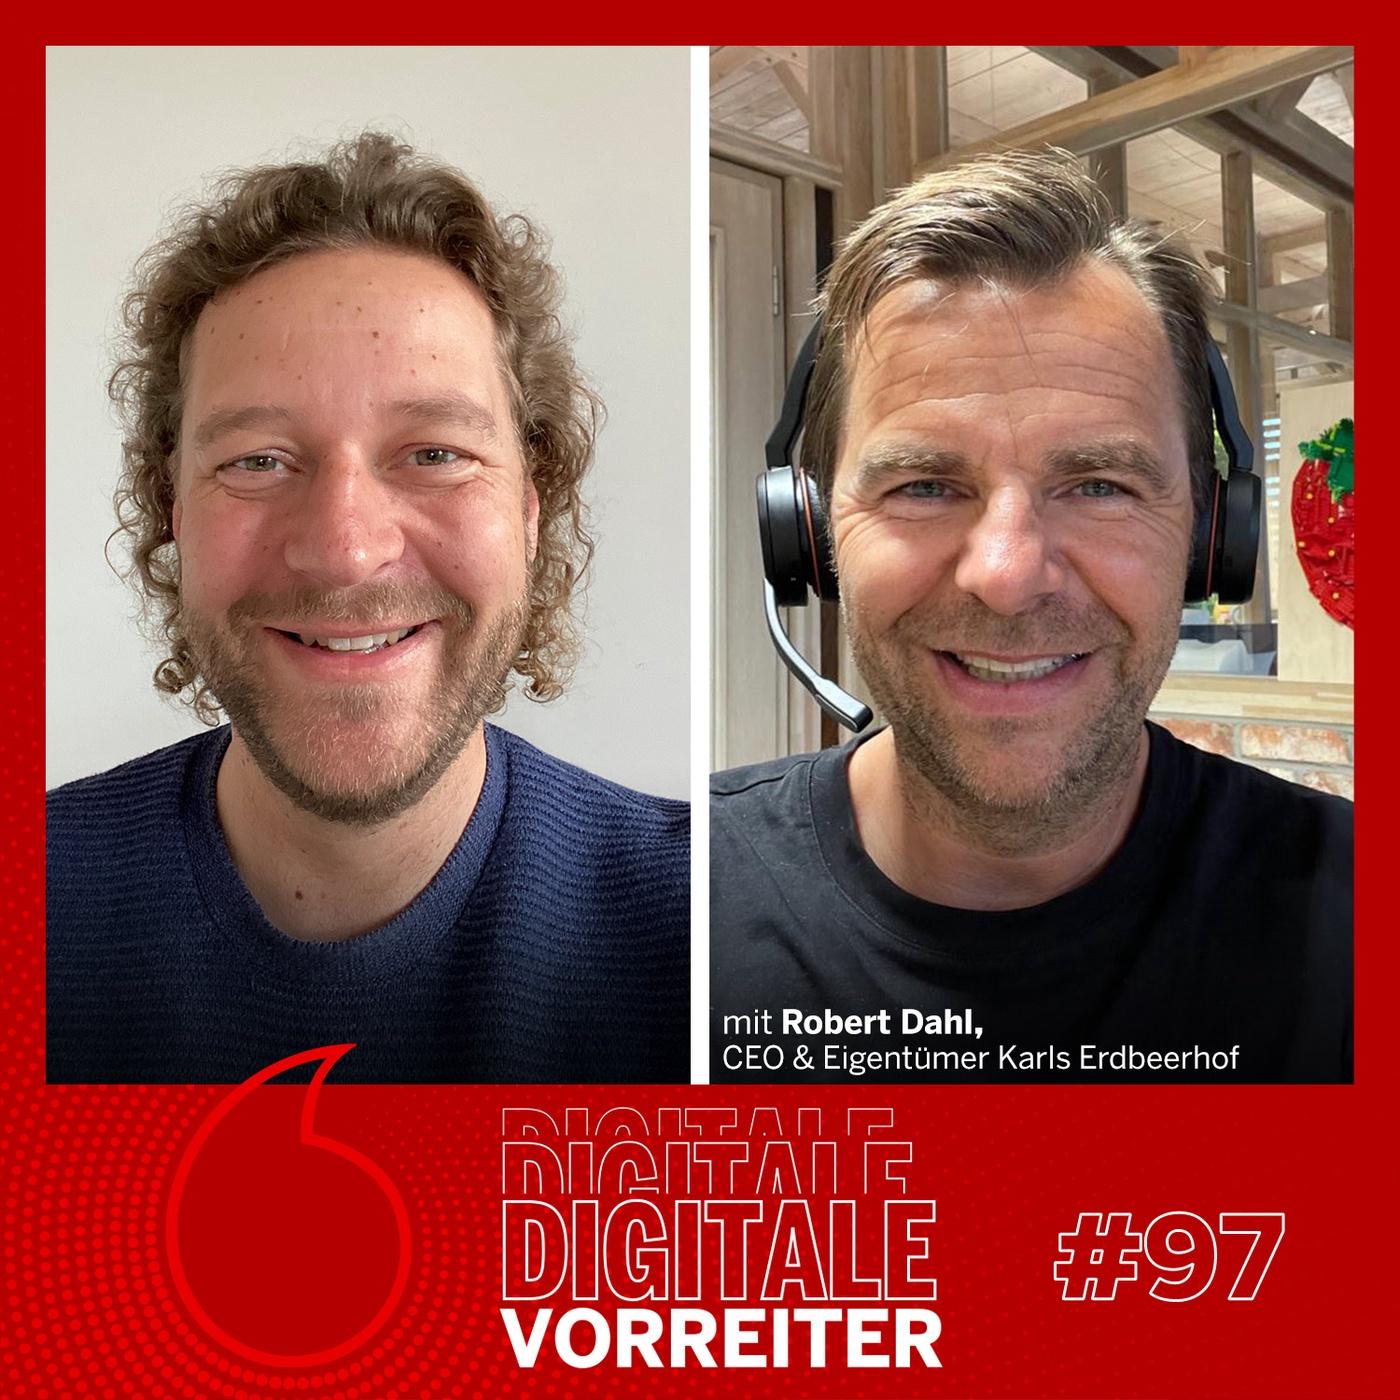 Der Erdbeerbauer, den 5 Mio Deutsche jährlich besuchen - Robert Dahl